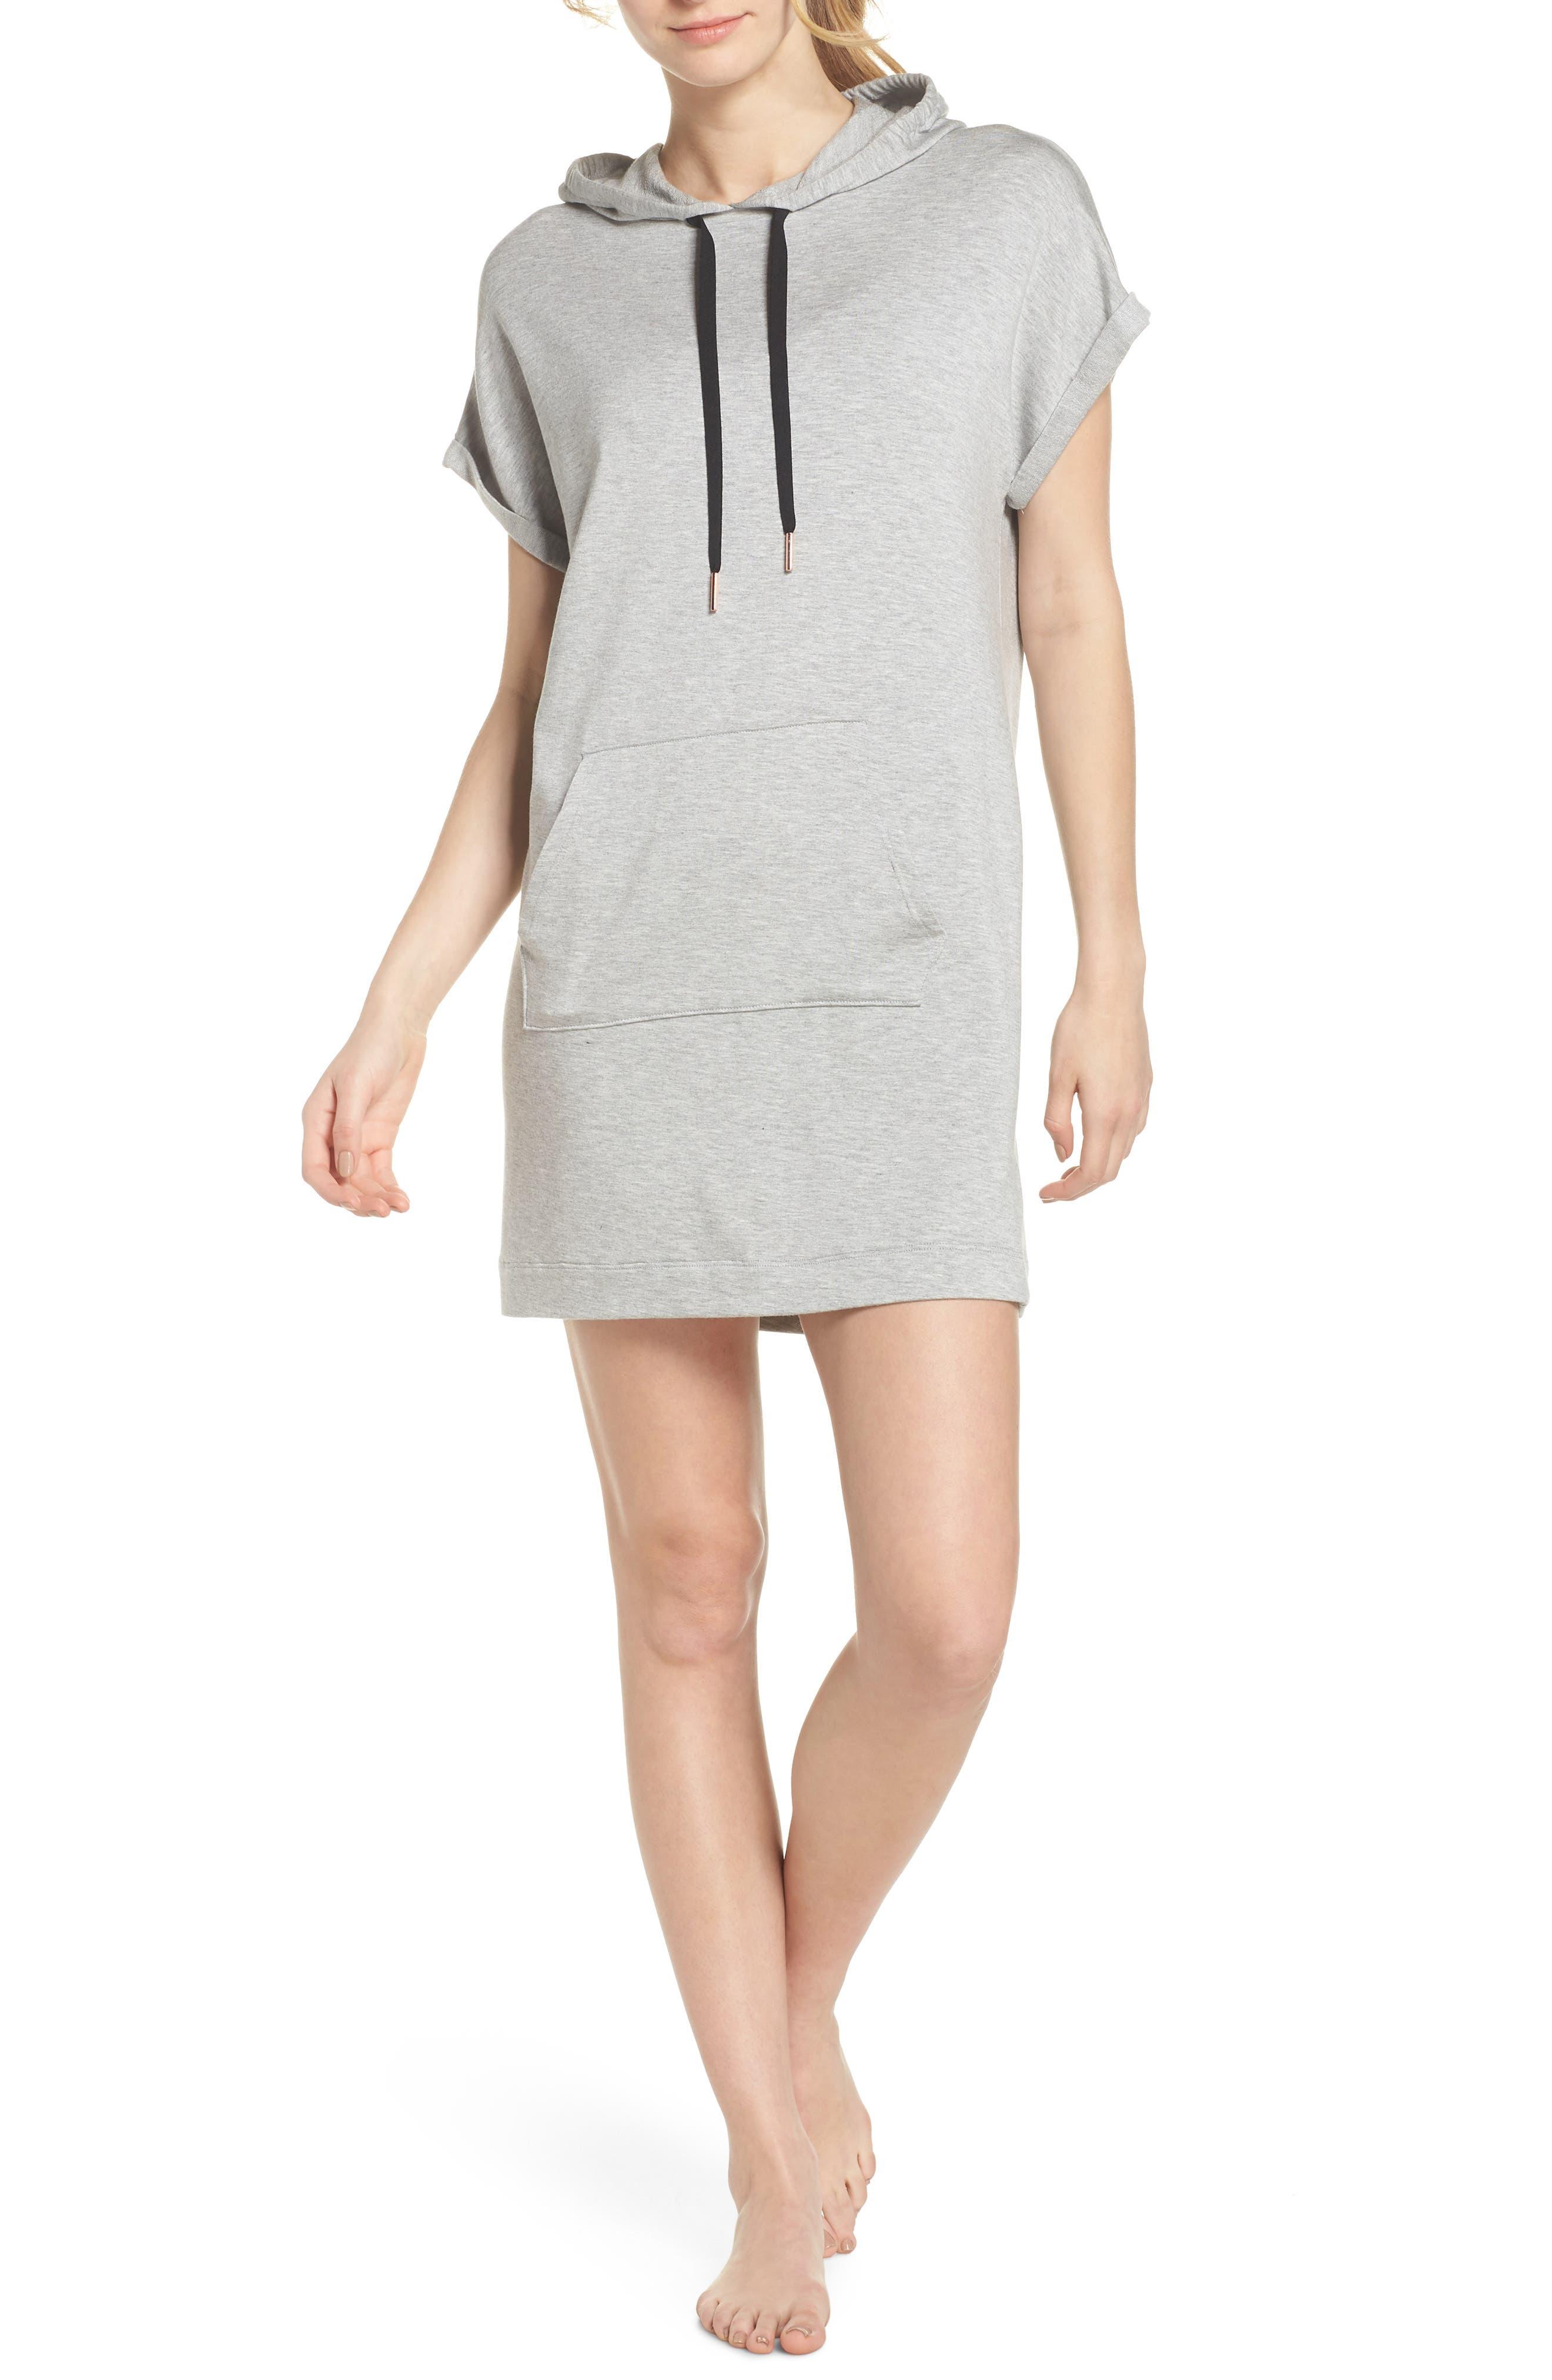 It's All Hoodie Hooded Sweatshirt Dress,                         Main,                         color, 023